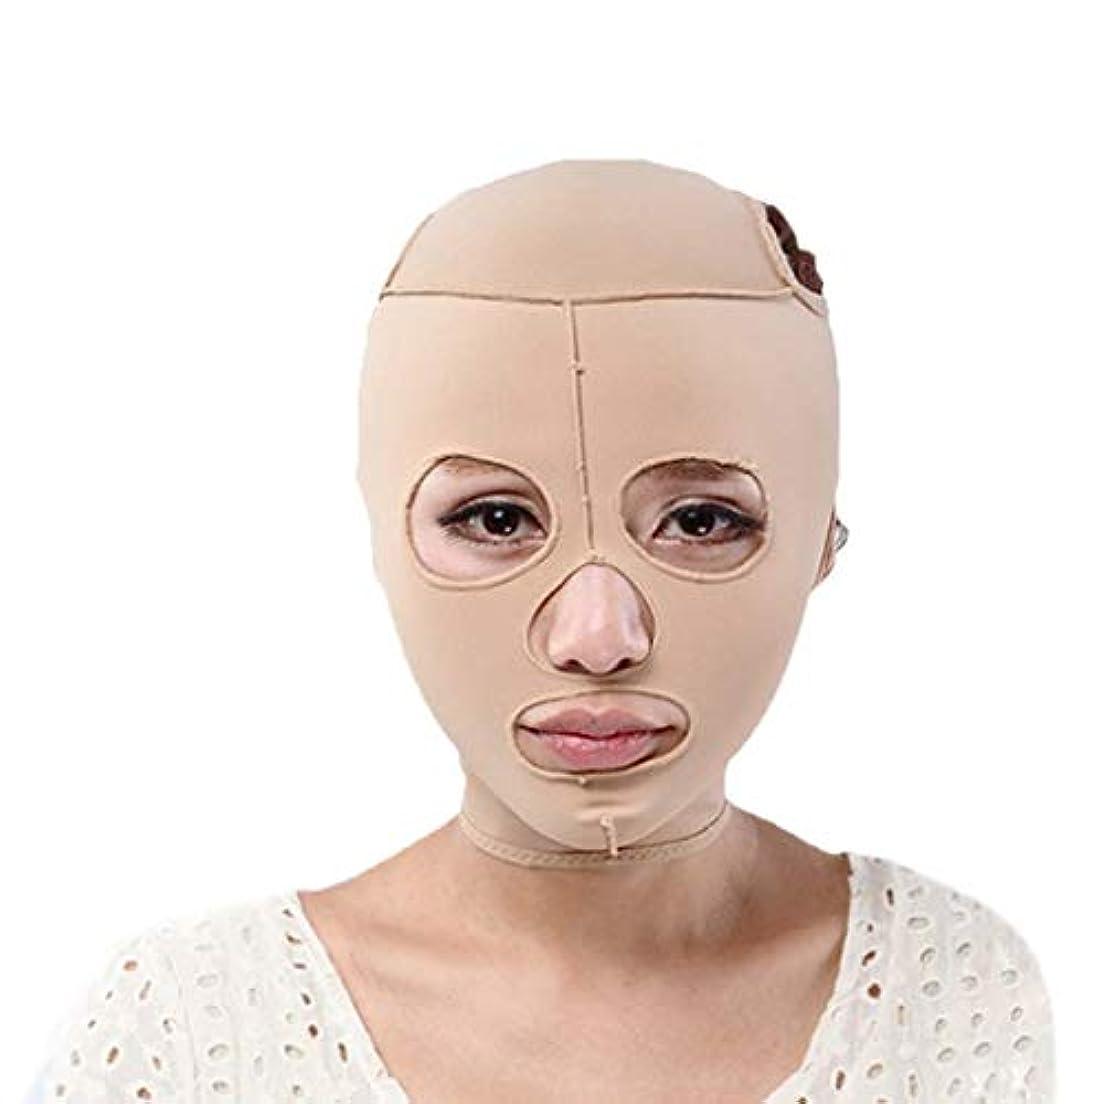 プログラム誘惑する世界の窓チンストラップ、顔の減量アンチシワマスク、快適な通気性マスク付きオールインクルーシブフェイス、薄型フェイスマスクリフティング包帯引き締め(サイズ:S),S